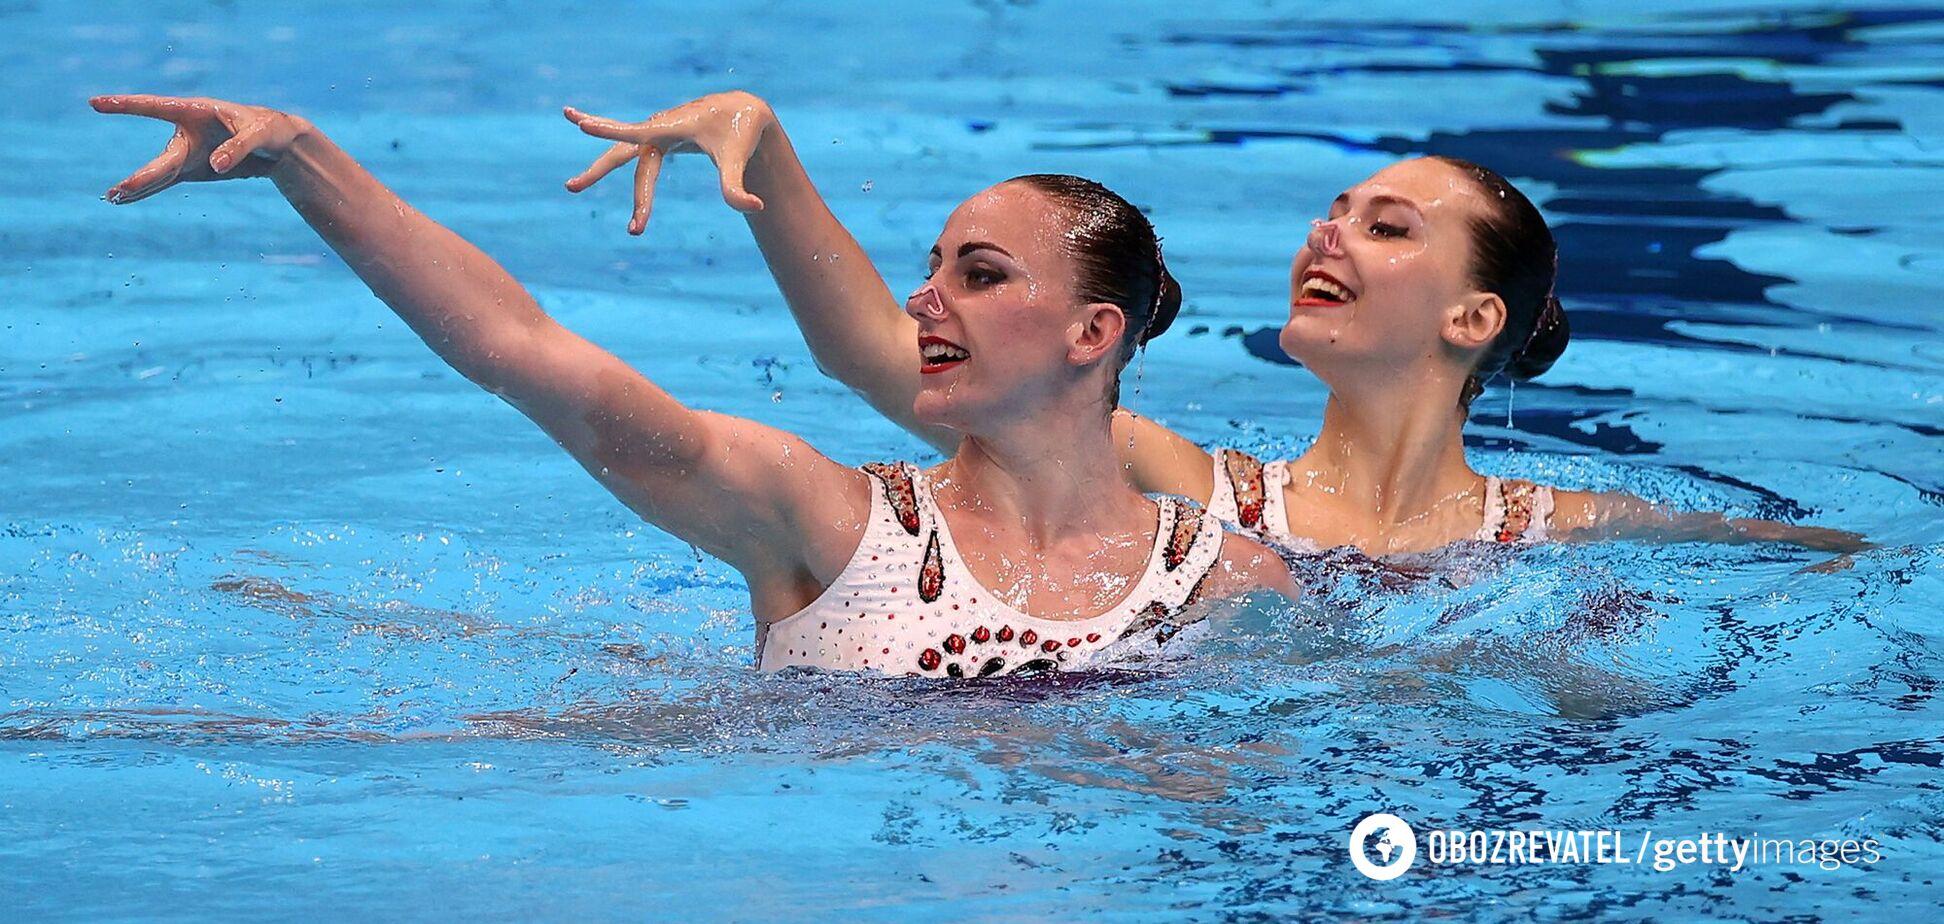 Впервые на Играх: Украина добыла историческую медаль на Олимпиаде-2020